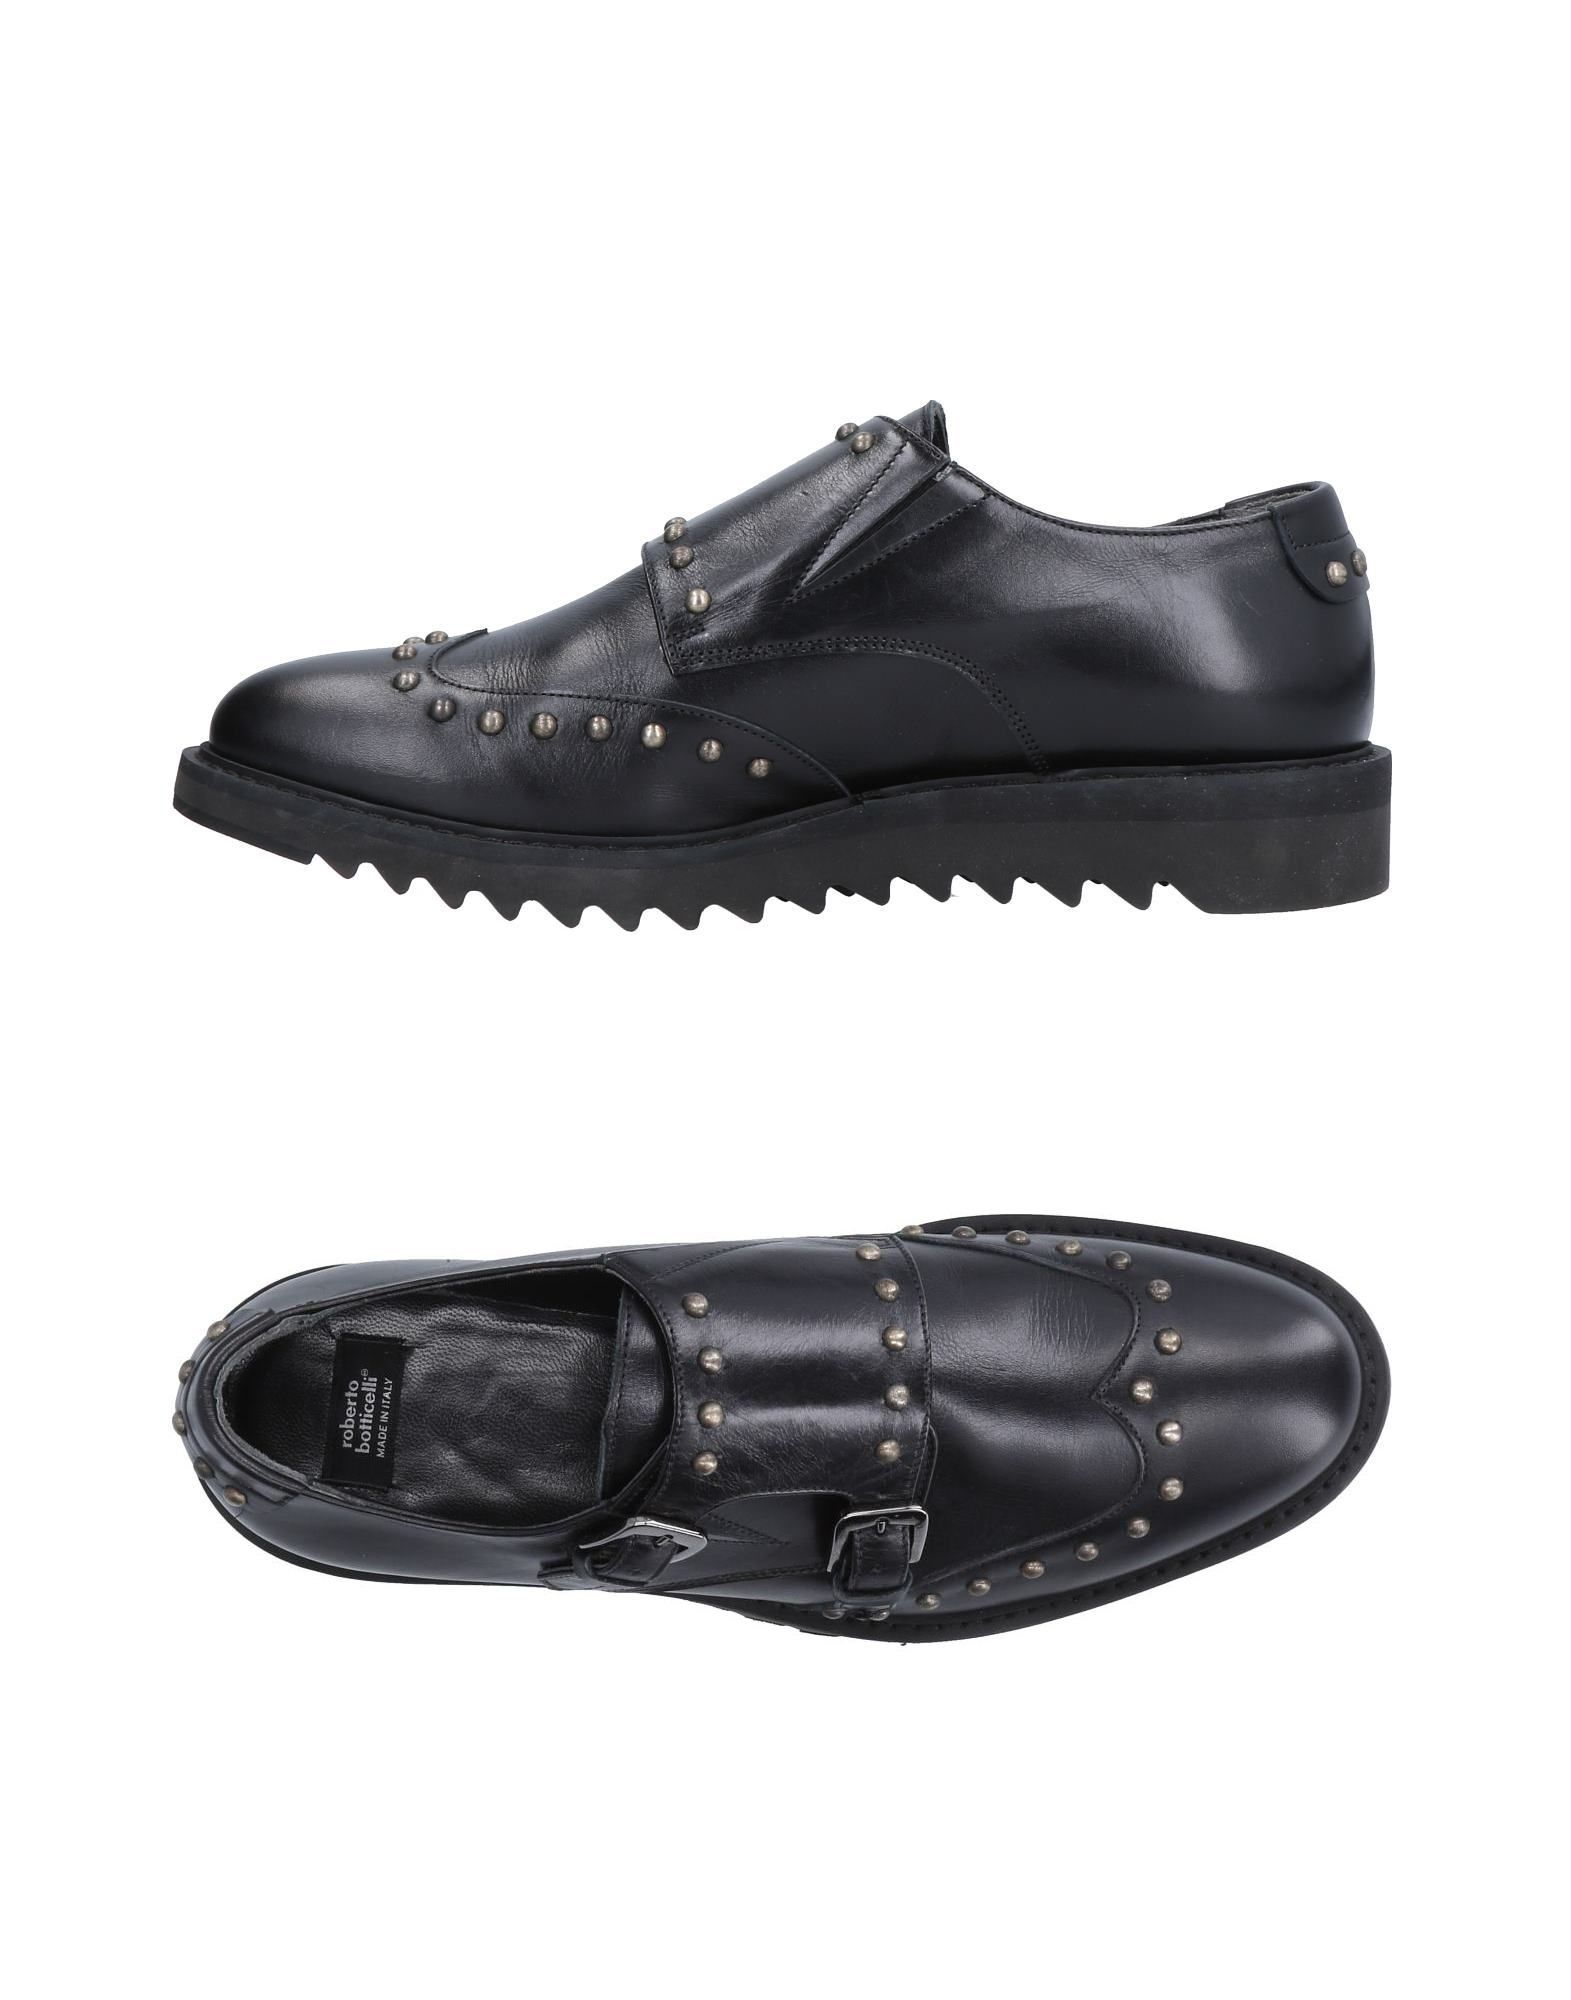 Roberto Botticelli Gute Mokassins Damen 11512785DJ Gute Botticelli Qualität beliebte Schuhe 0a95ff